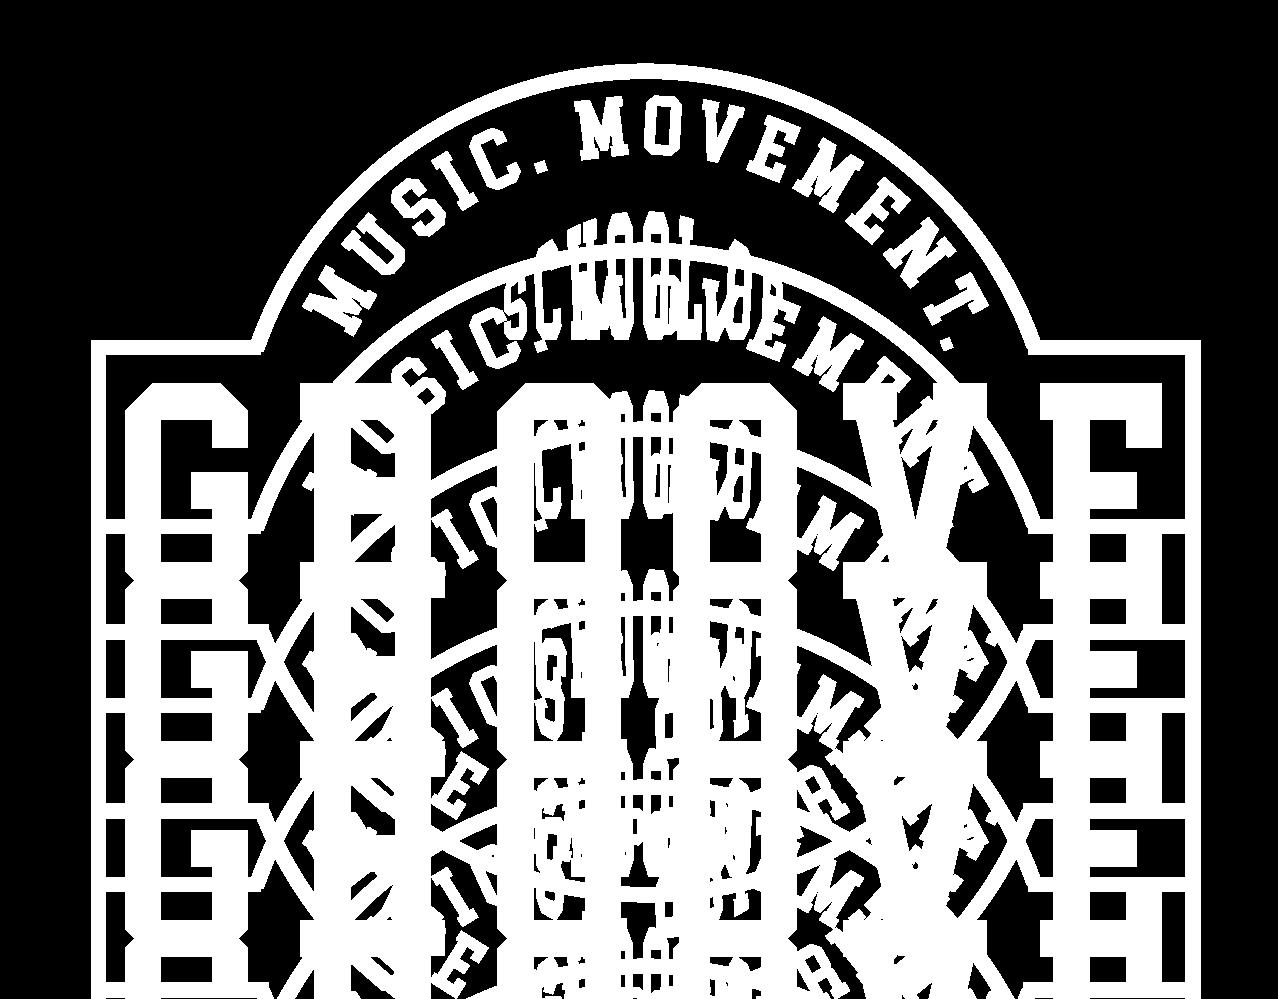 School of Groove.